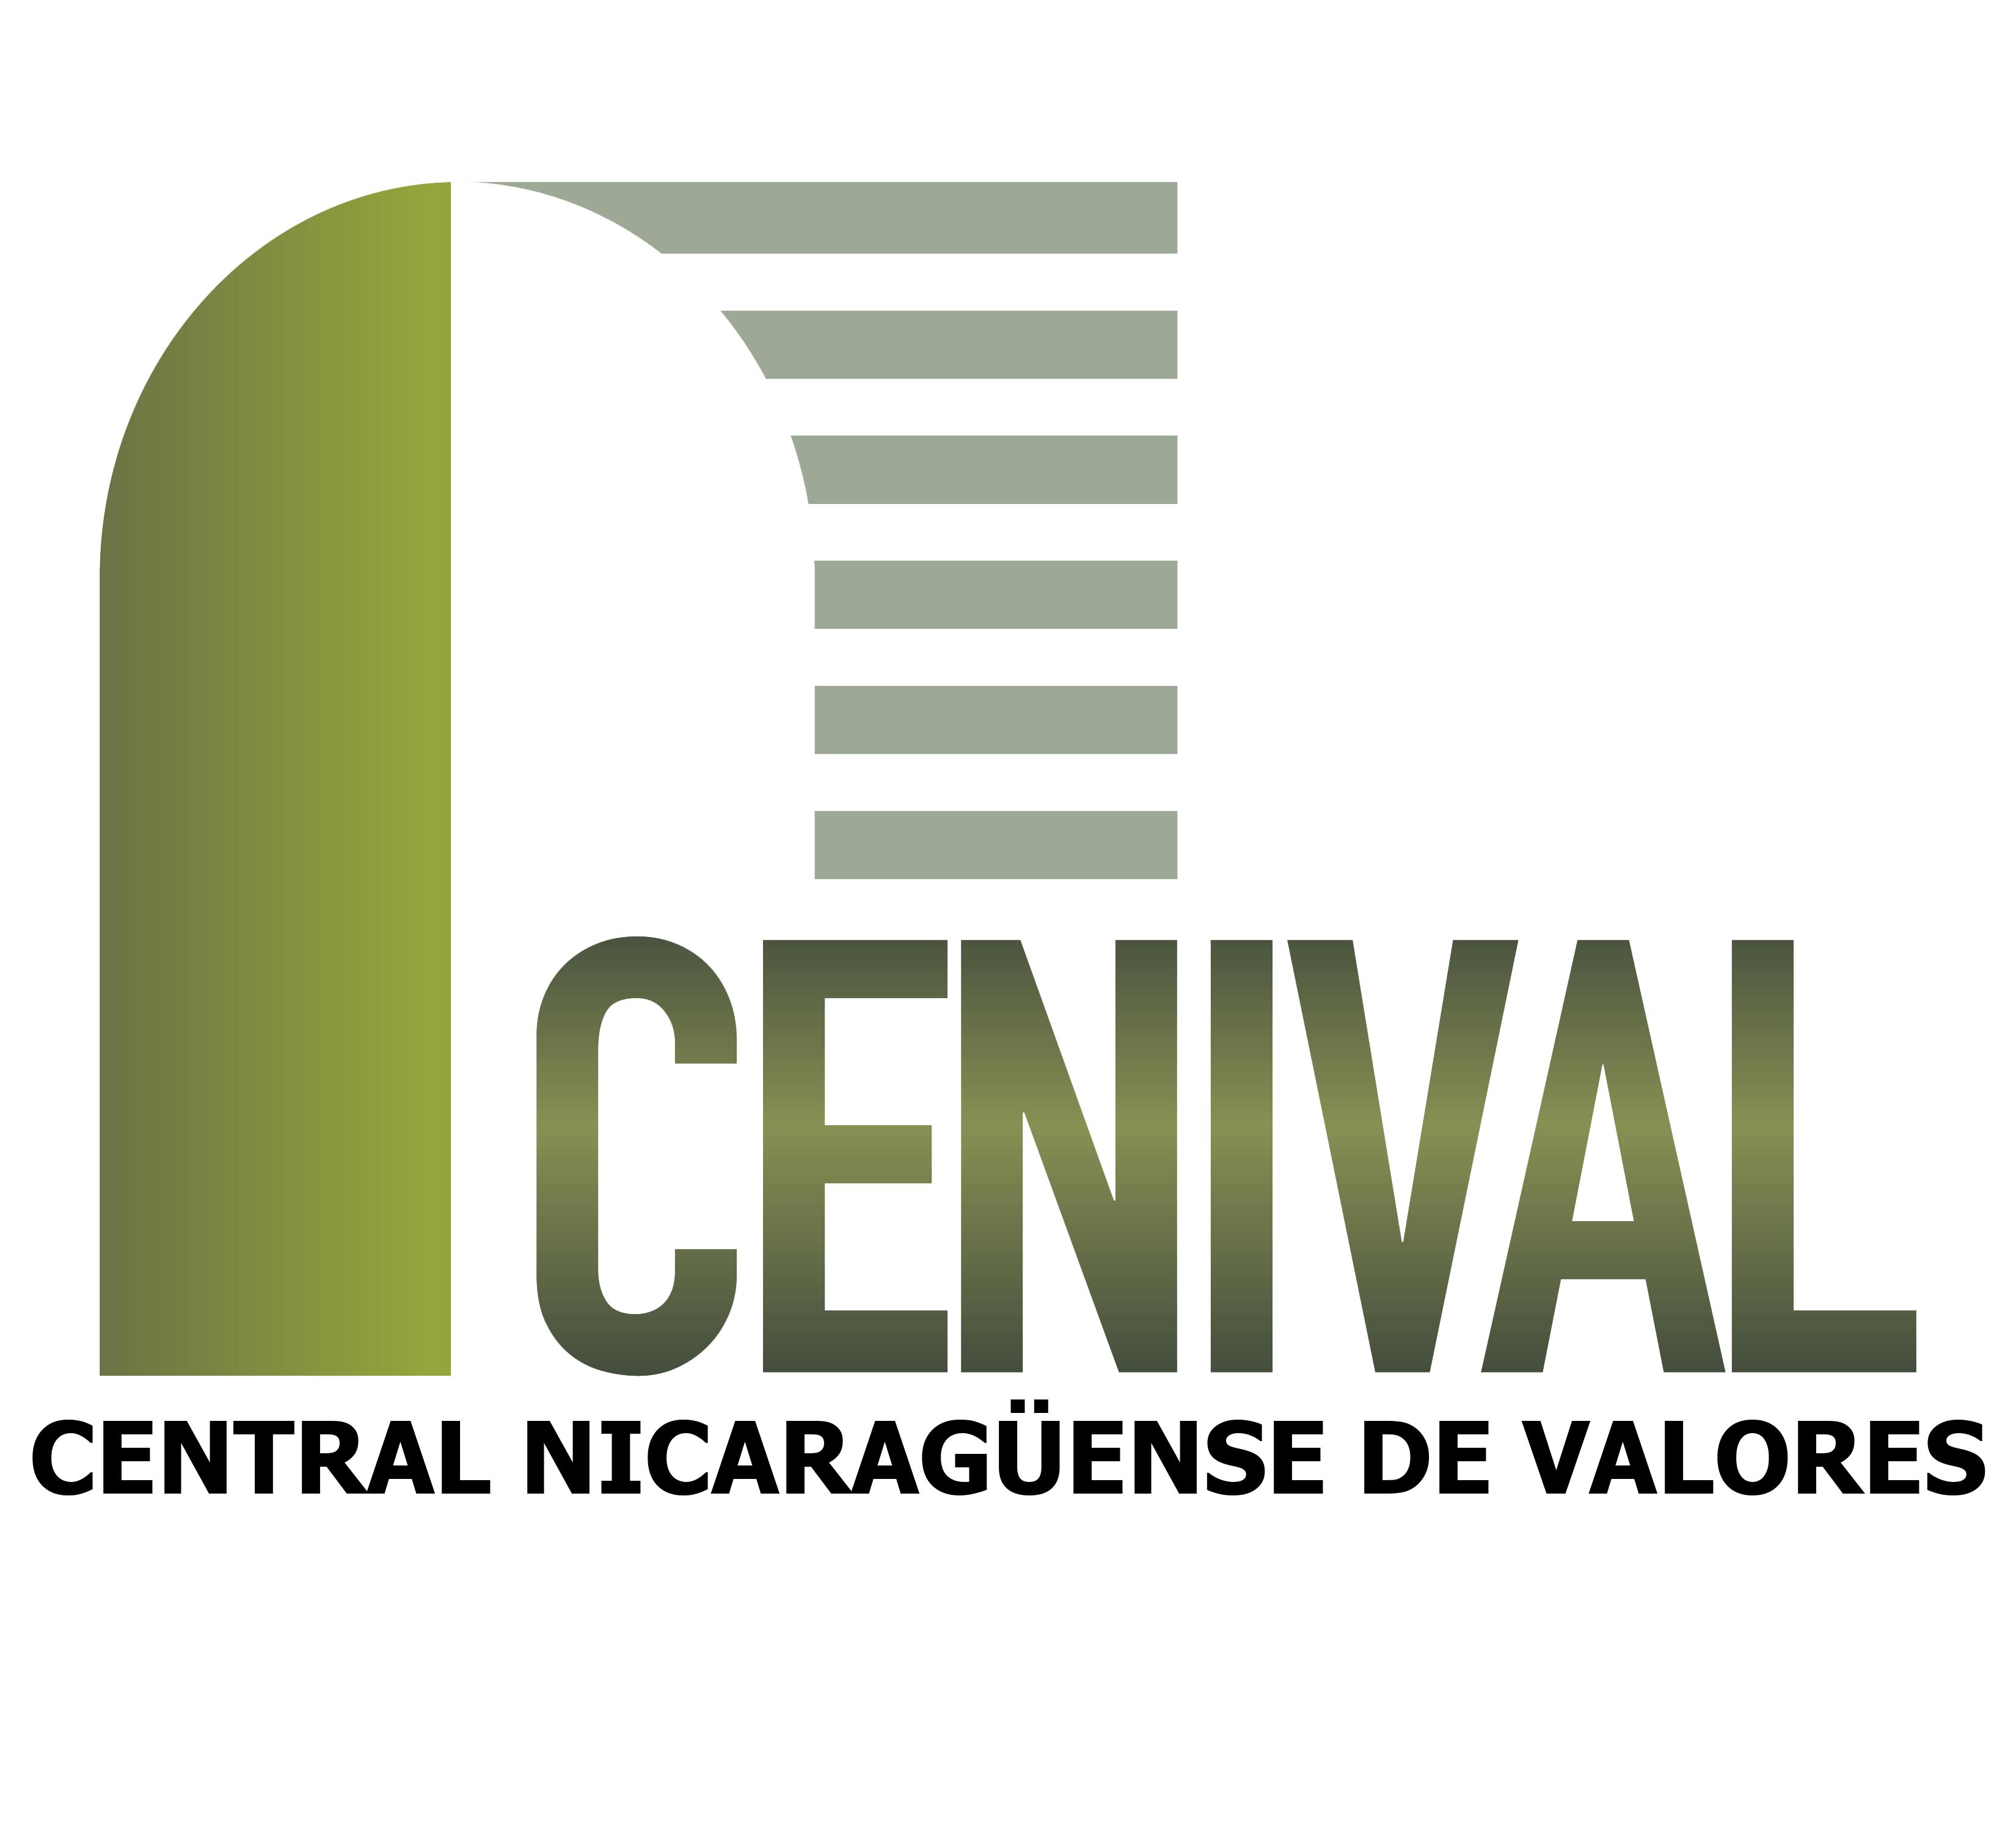 Cenival